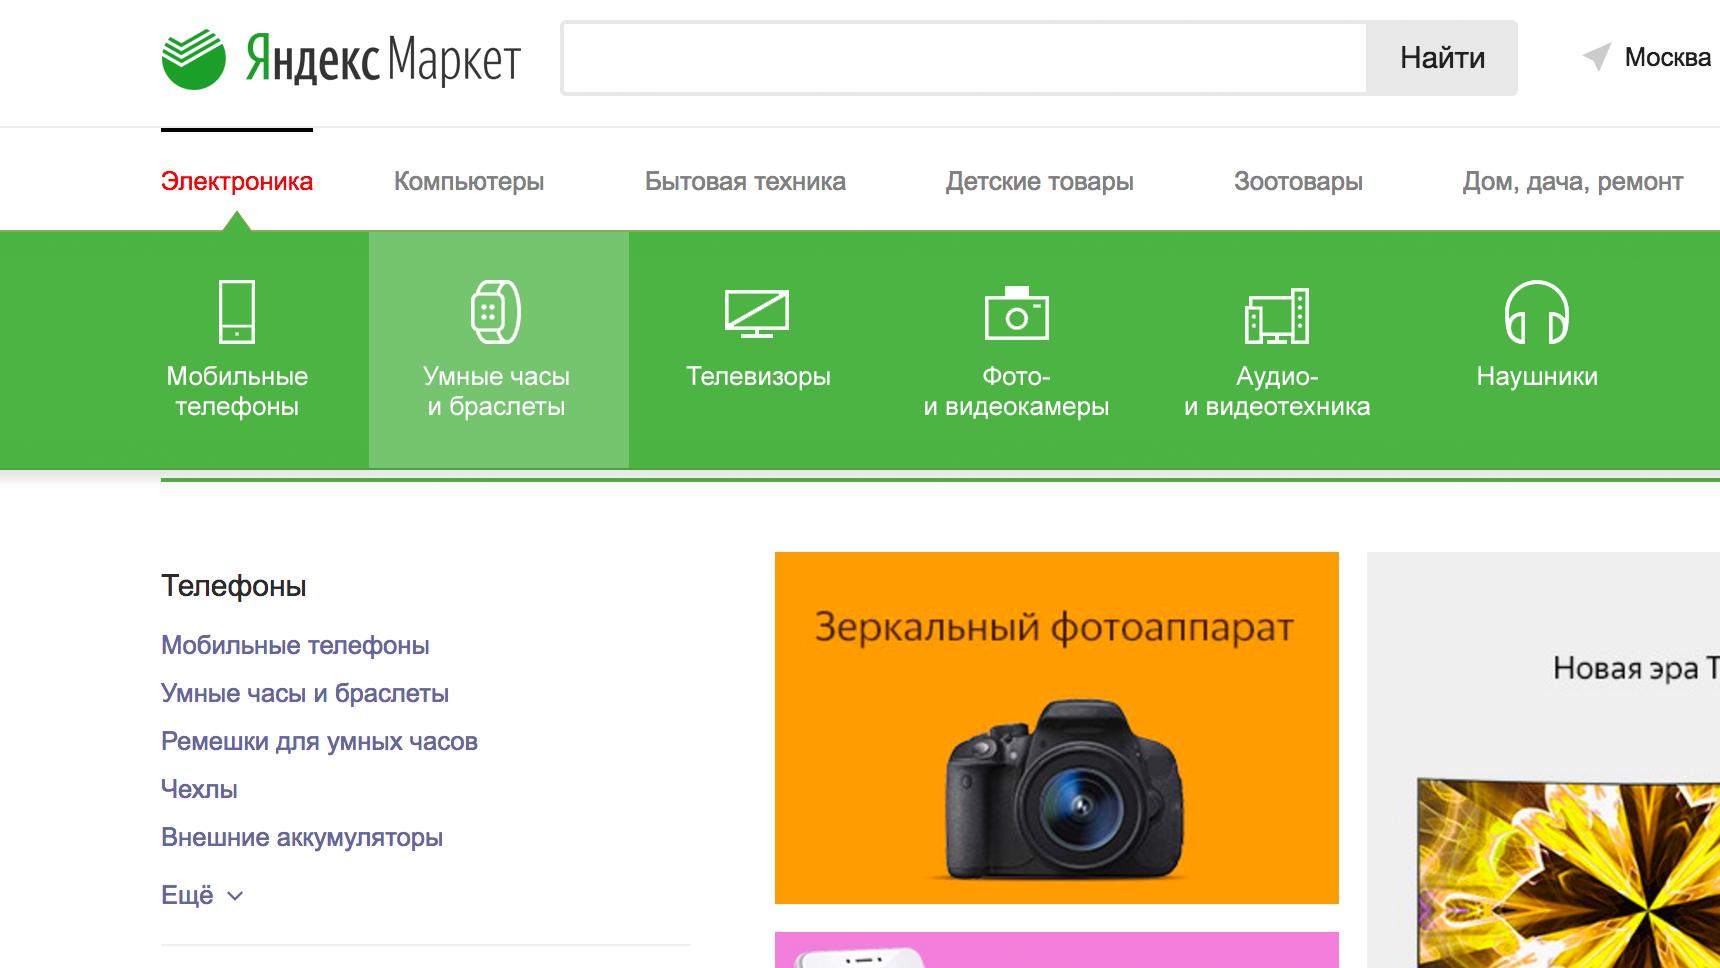 Сбербанк иЯндекс создают совместное предприятие набазе Яндекс.Маркета